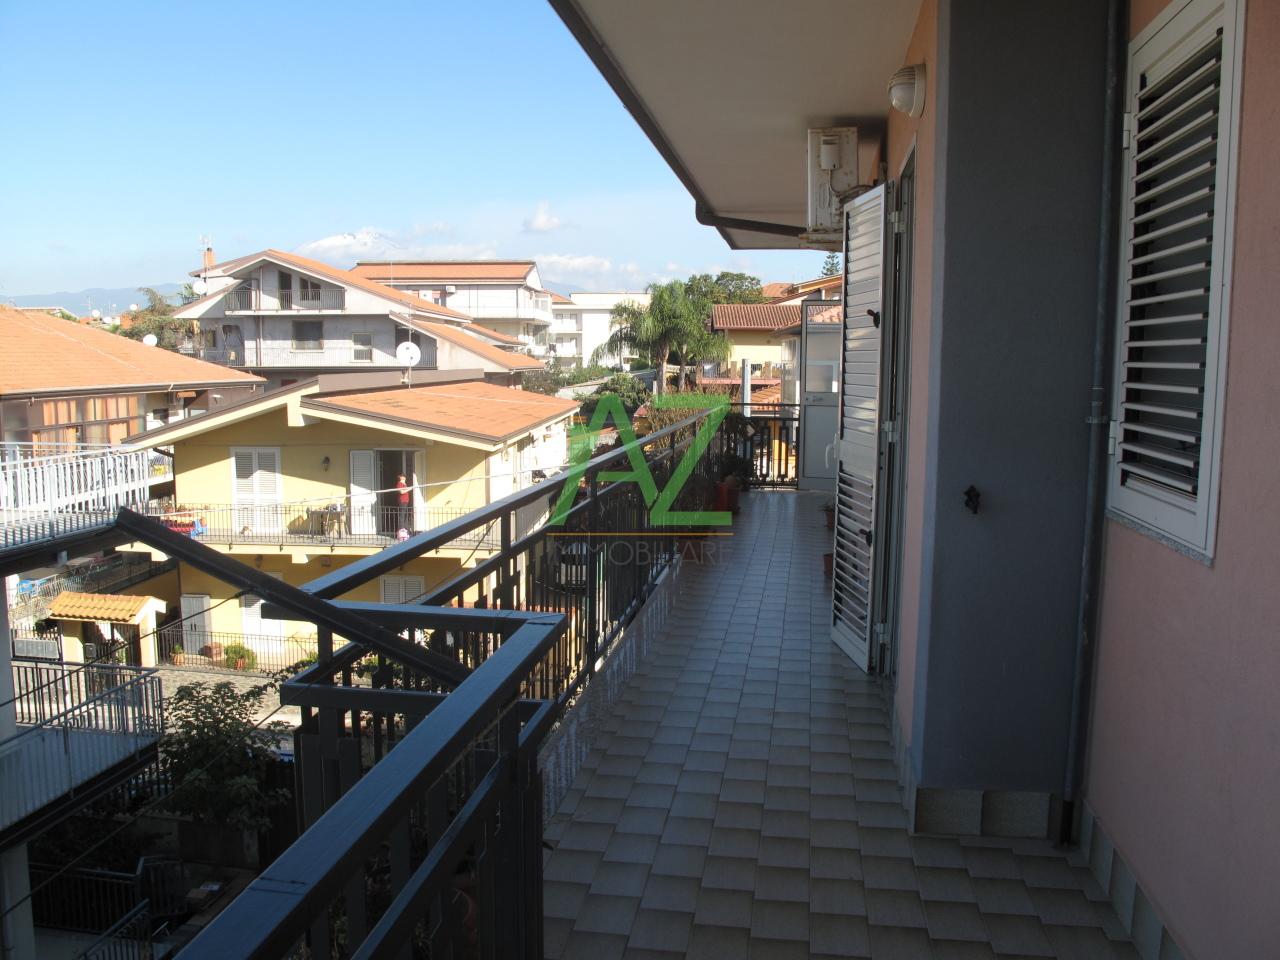 Appartamento in affitto a Motta Sant'Anastasia, 5 locali, prezzo € 480   Cambio Casa.it